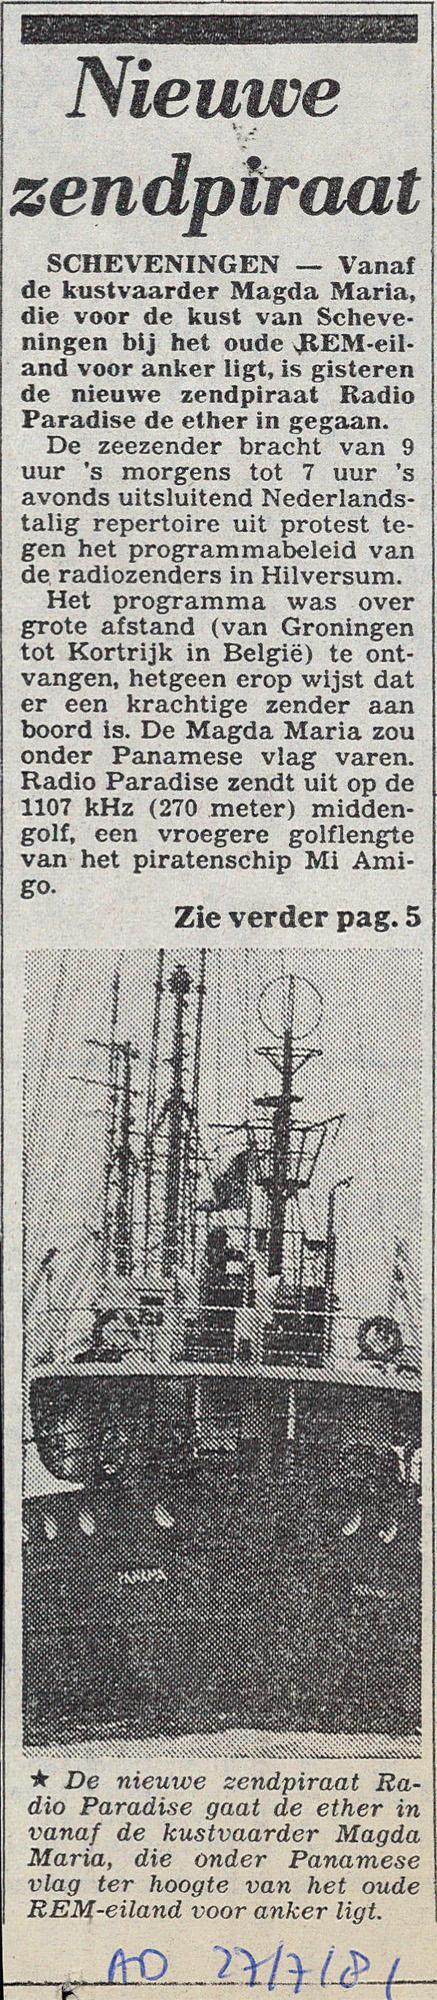 19810727_AD_Nieuwe zendpiraat.jpg